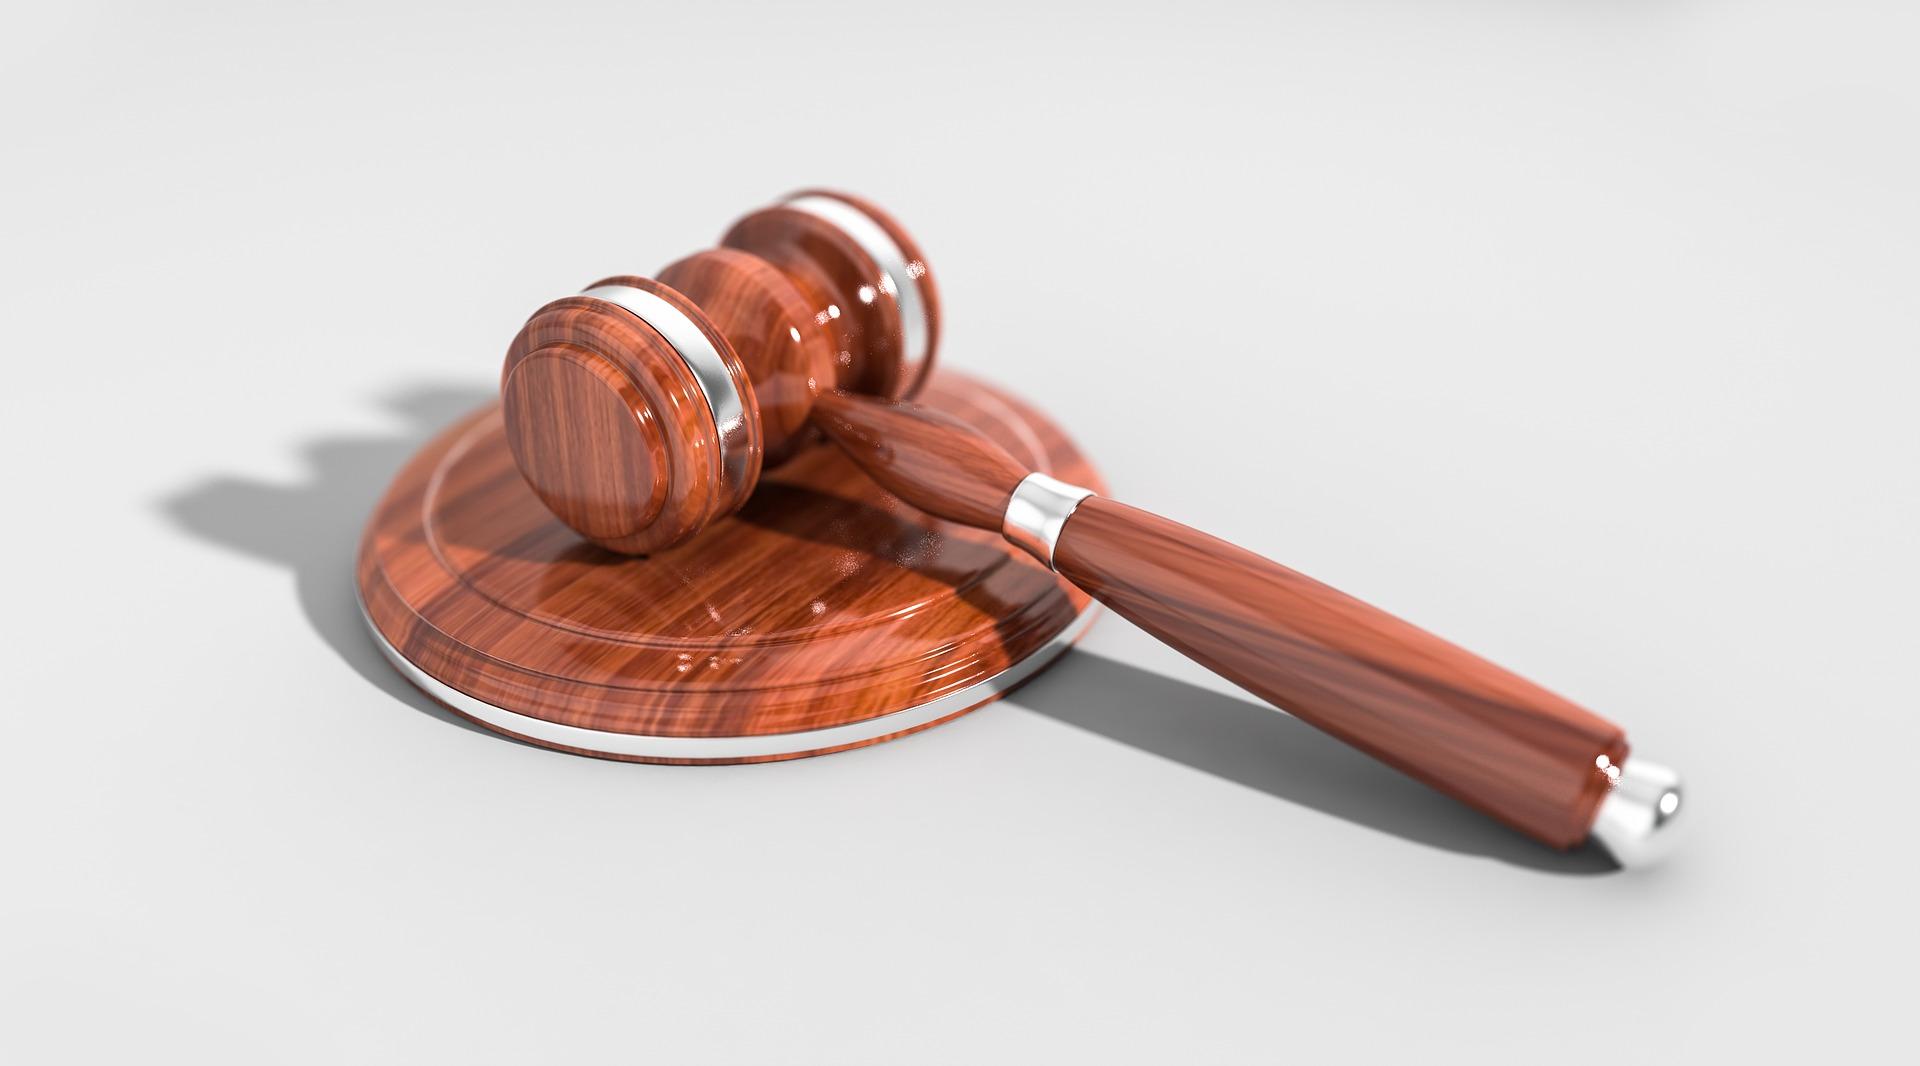 התנועה לאיכות השלטון בדיון על אי פתיחת חקירה בפרשת ההדלפות הביטחוניות